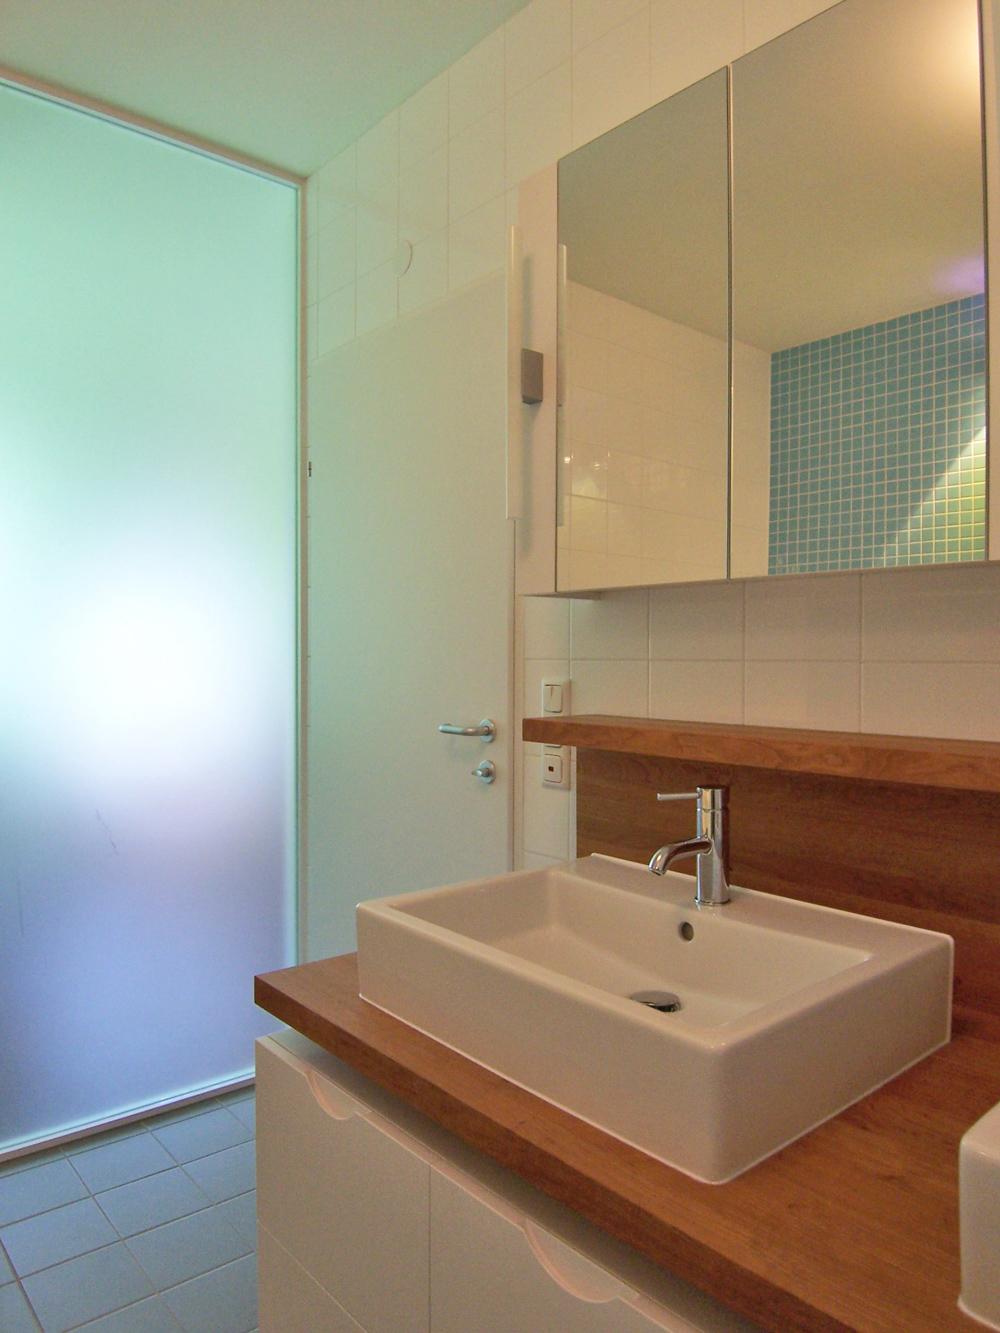 Bild des Bades mit integriertem Möbeldesign (Waschtisch) von einem Einfamilienhaus das von Architekten geplant wurde